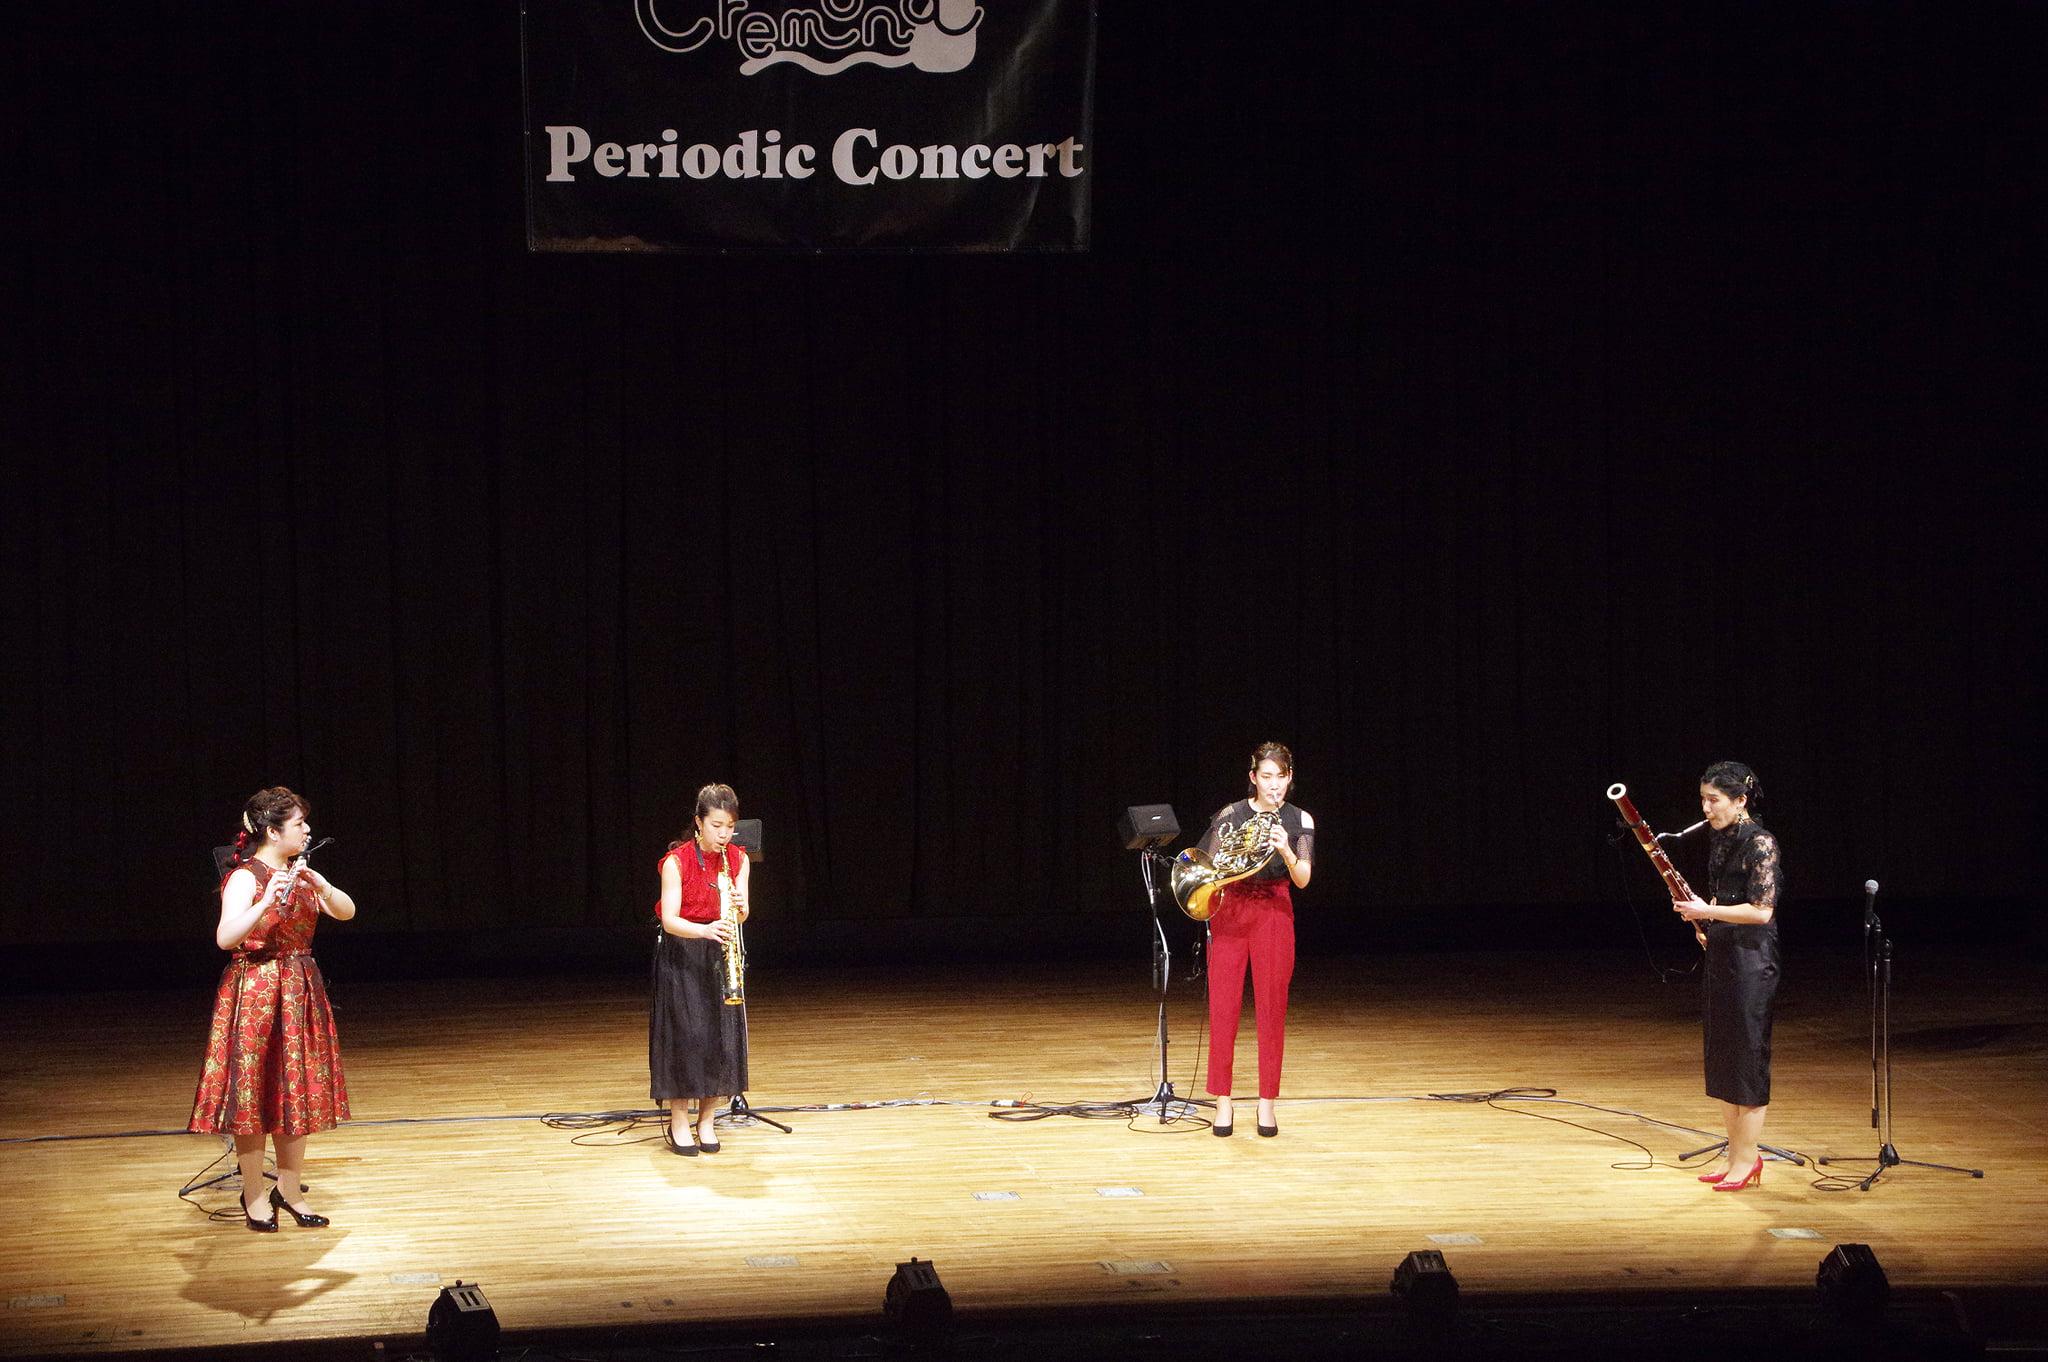 第8・9回定期公演を終えて。|第8回定期公演「Astor Piazzolla」(ゆき)